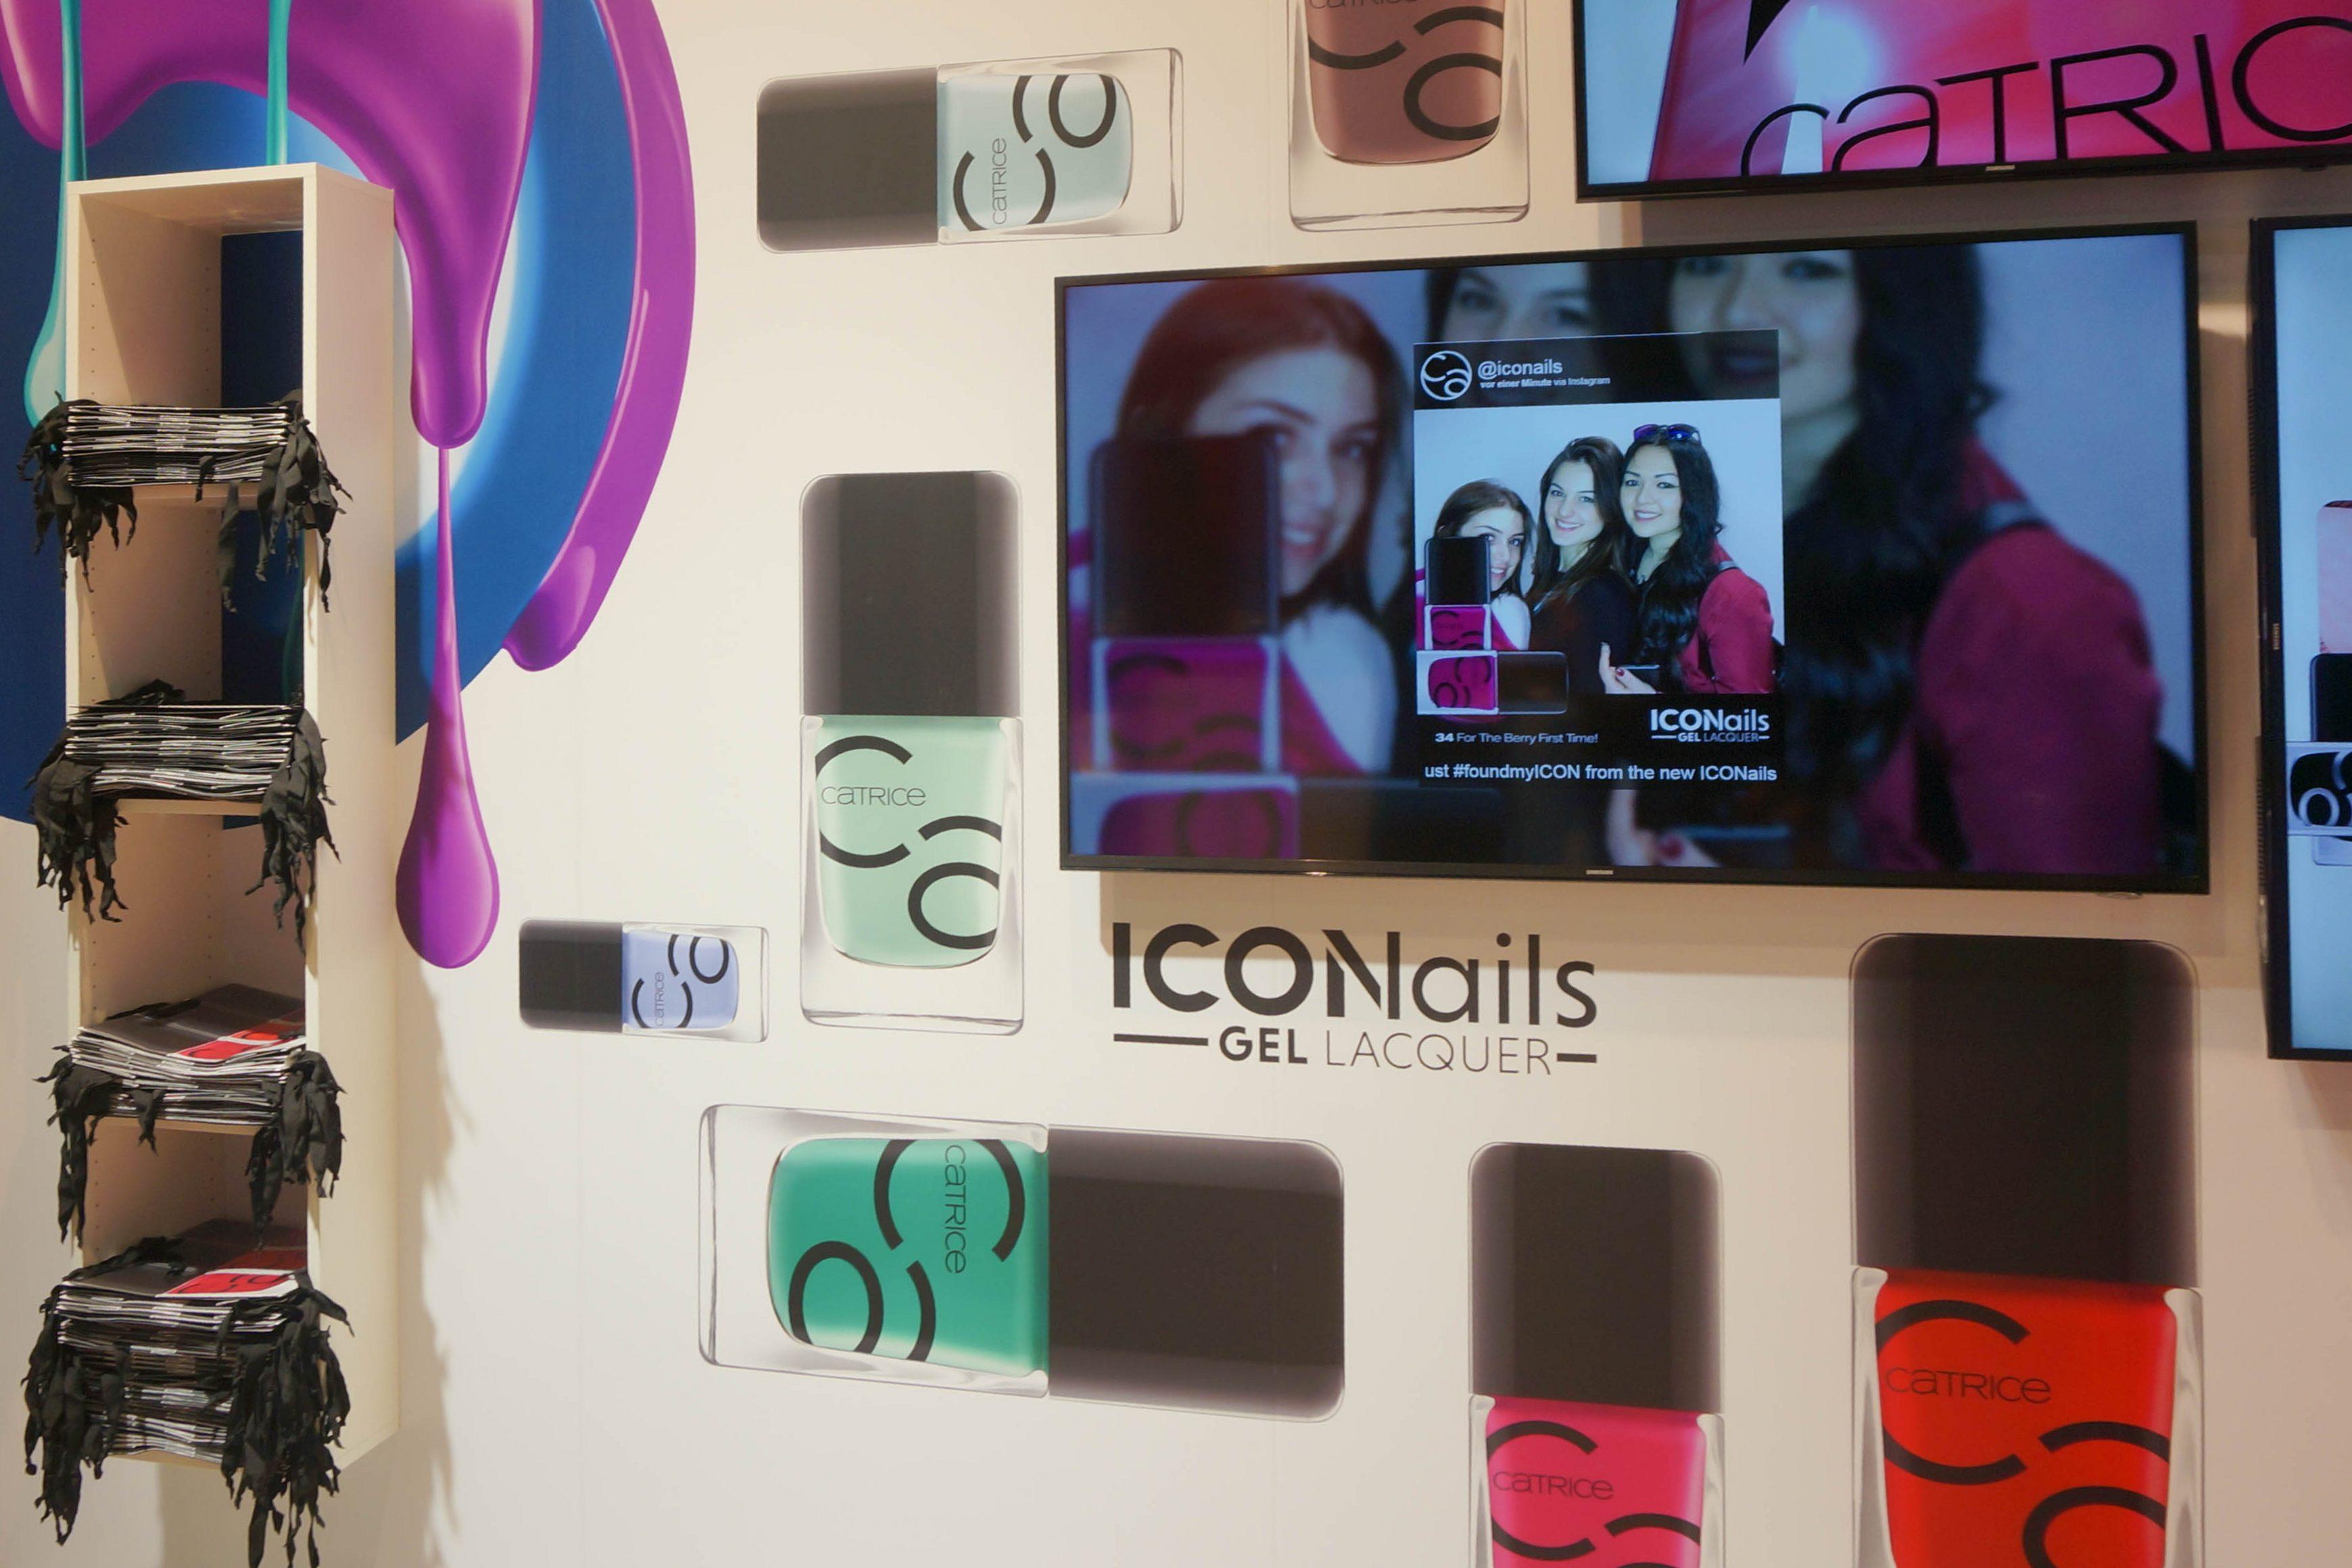 ICONails-Catrice